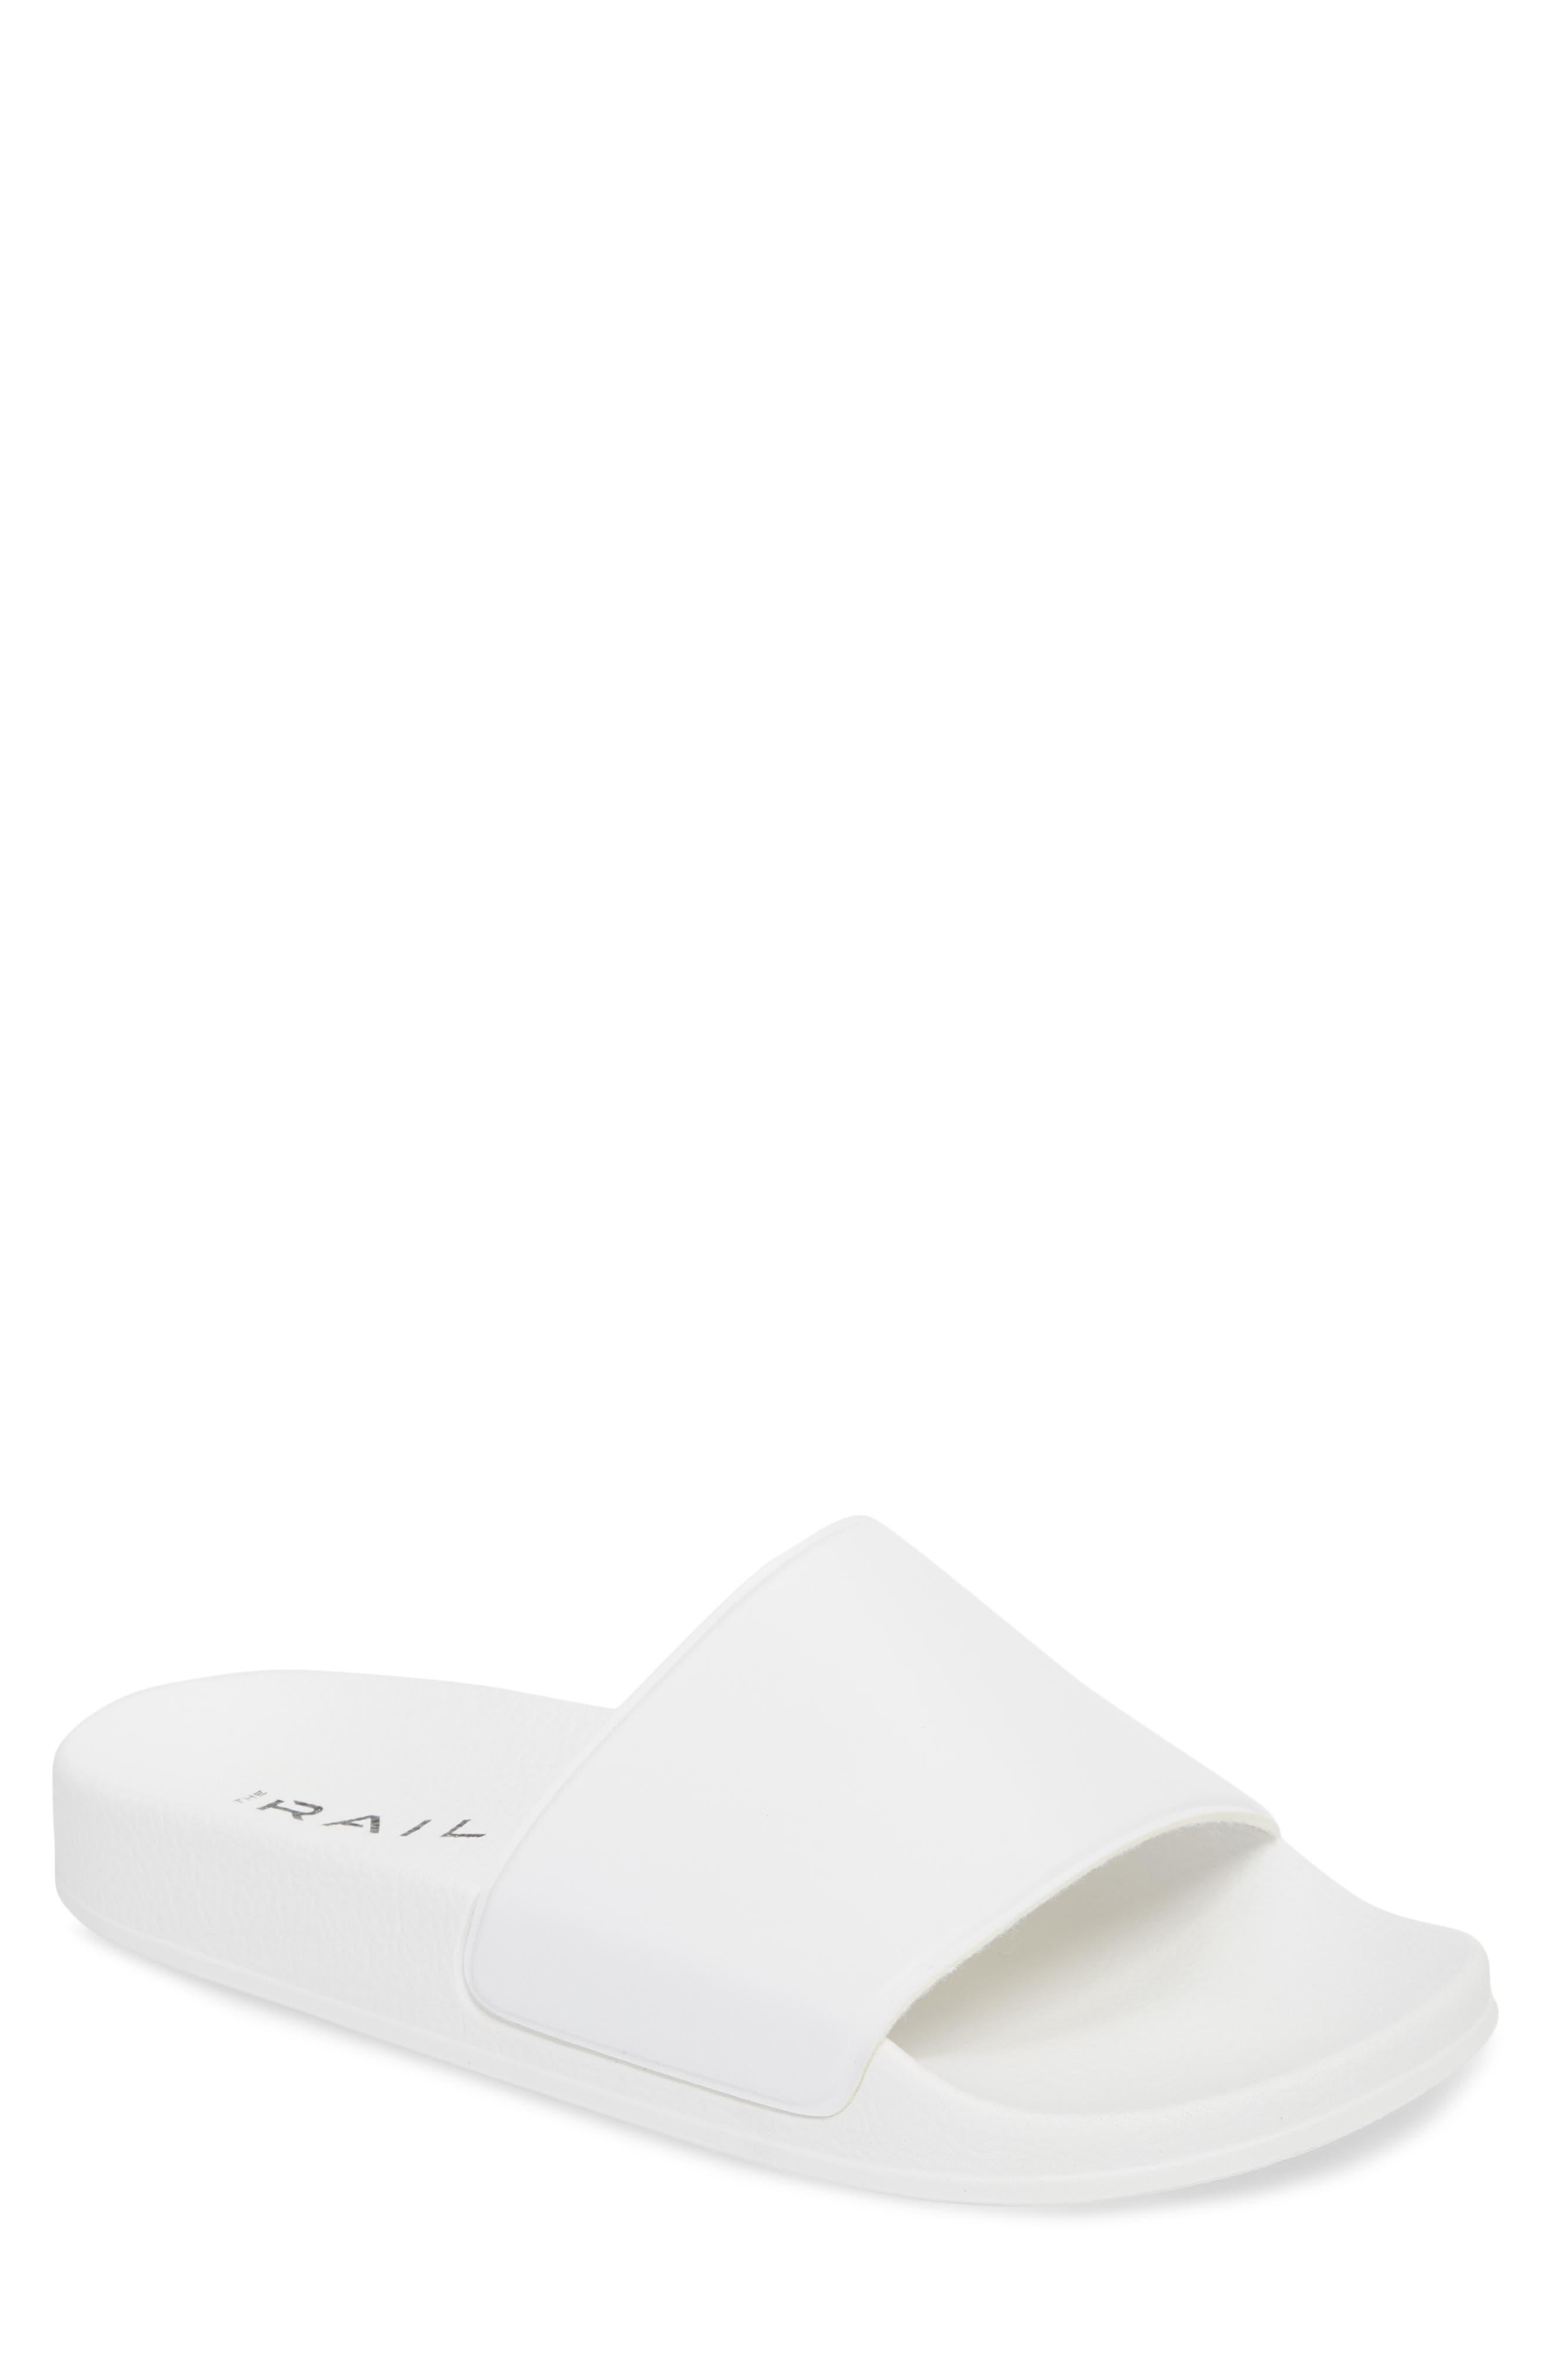 Bondi Slide Sandal,                         Main,                         color, White